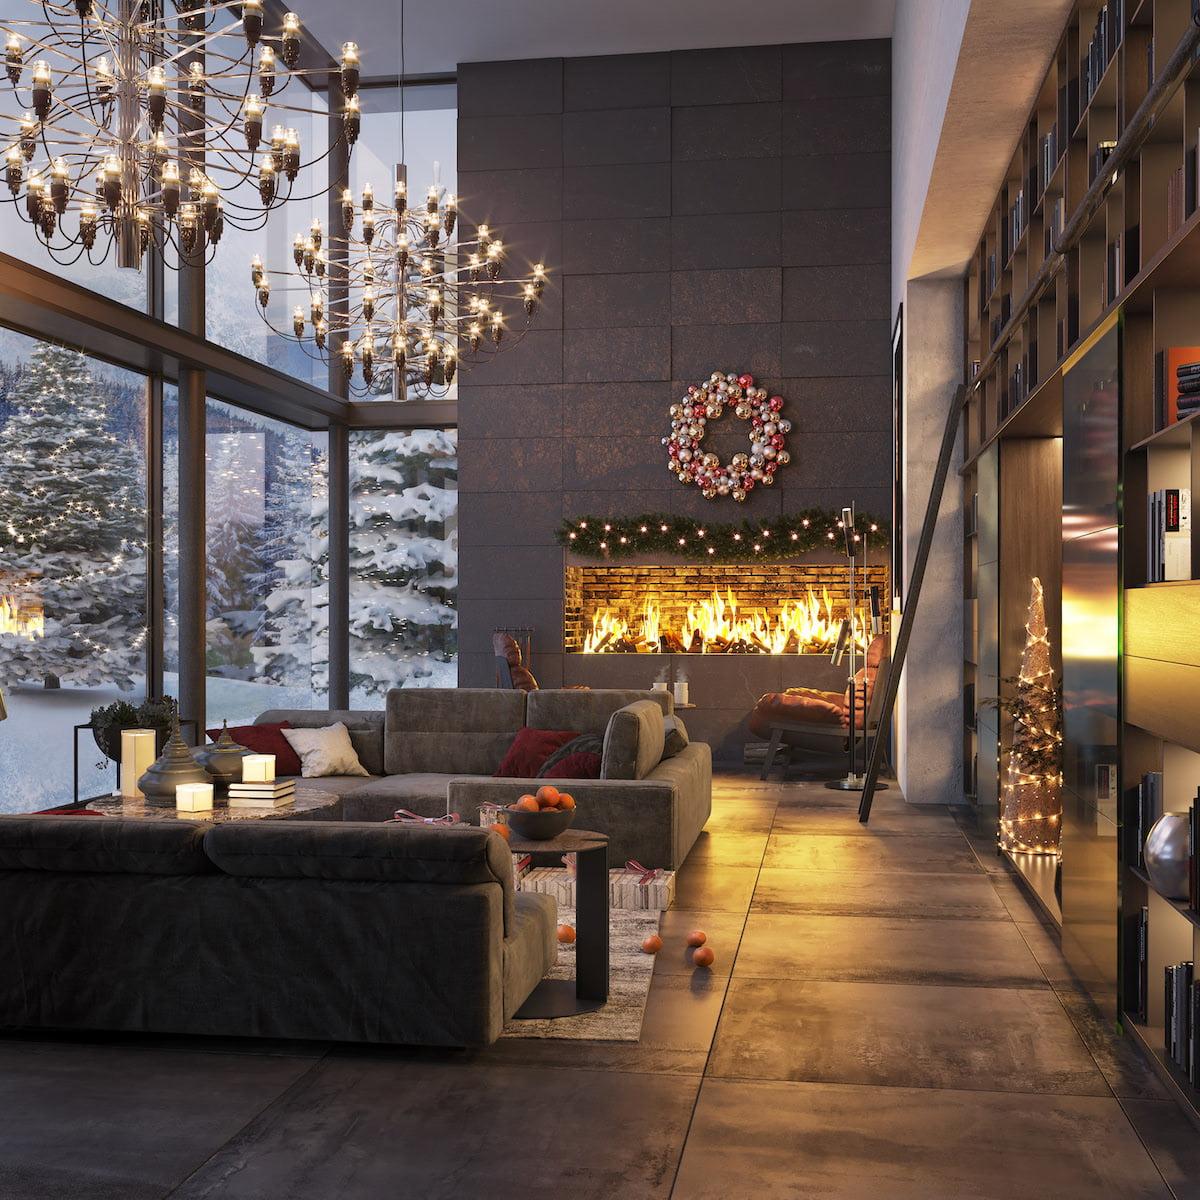 камин в интерьере гостиной фото 36